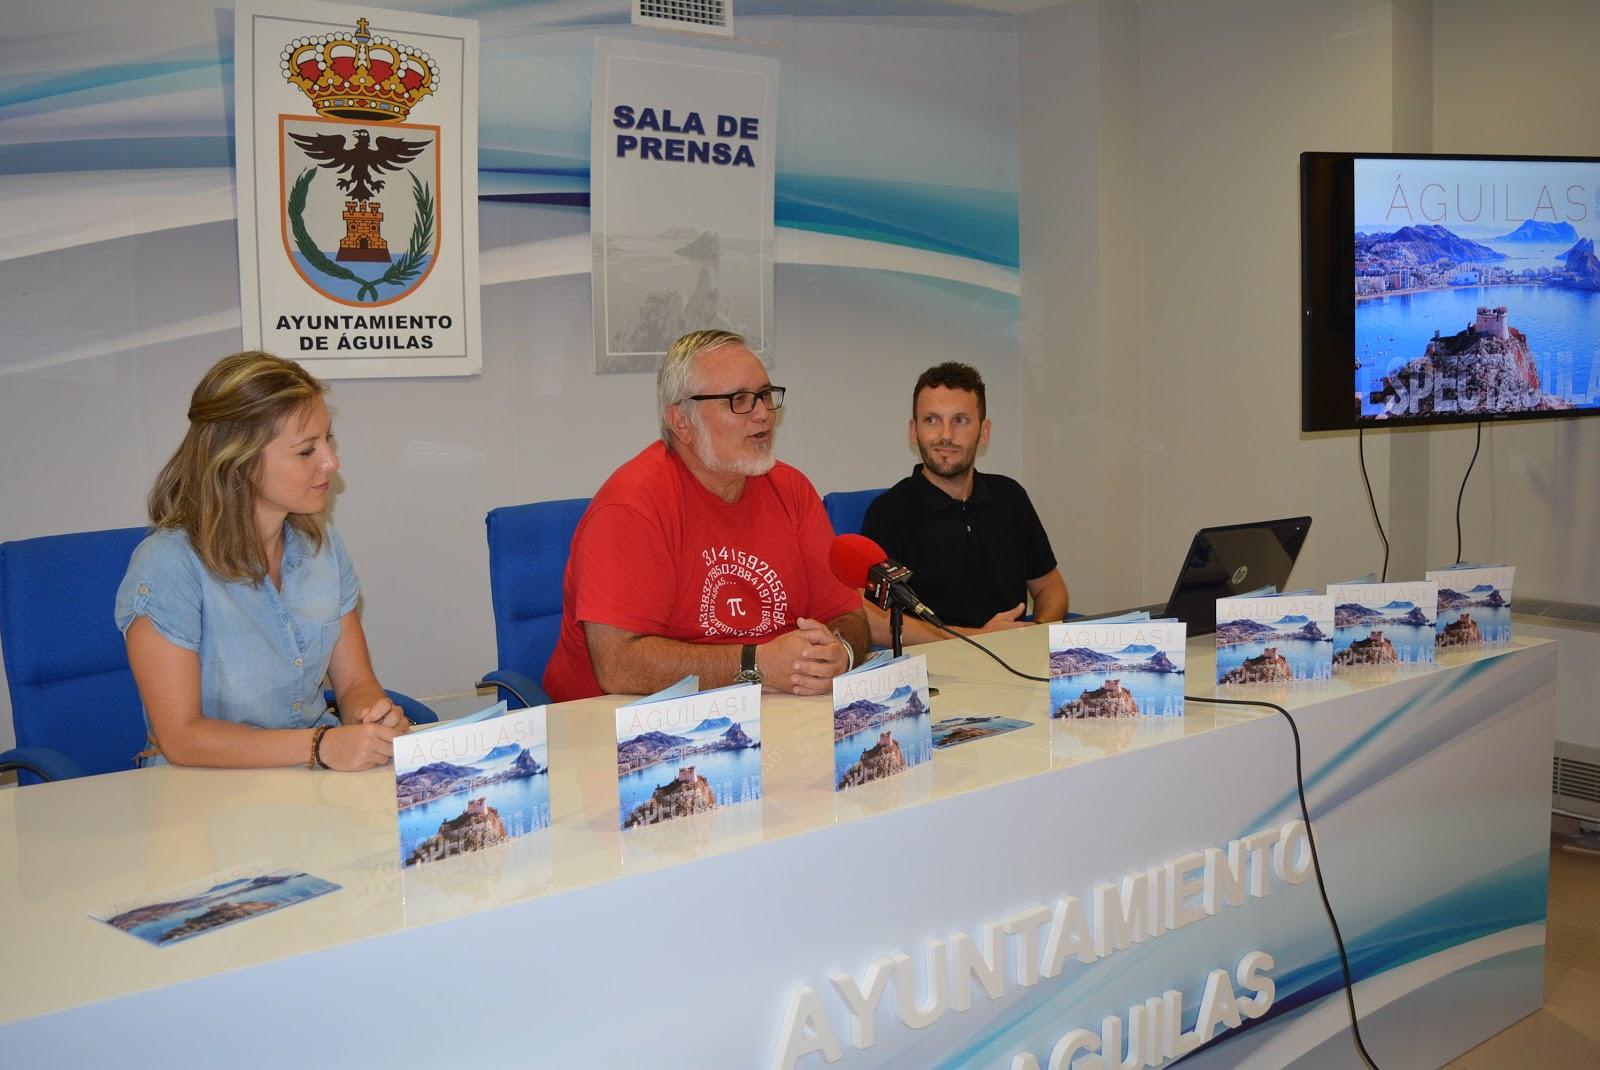 Guilas radio 91 4 fm aguimola dise a el nuevo folleto de for Oficina turismo aguilas